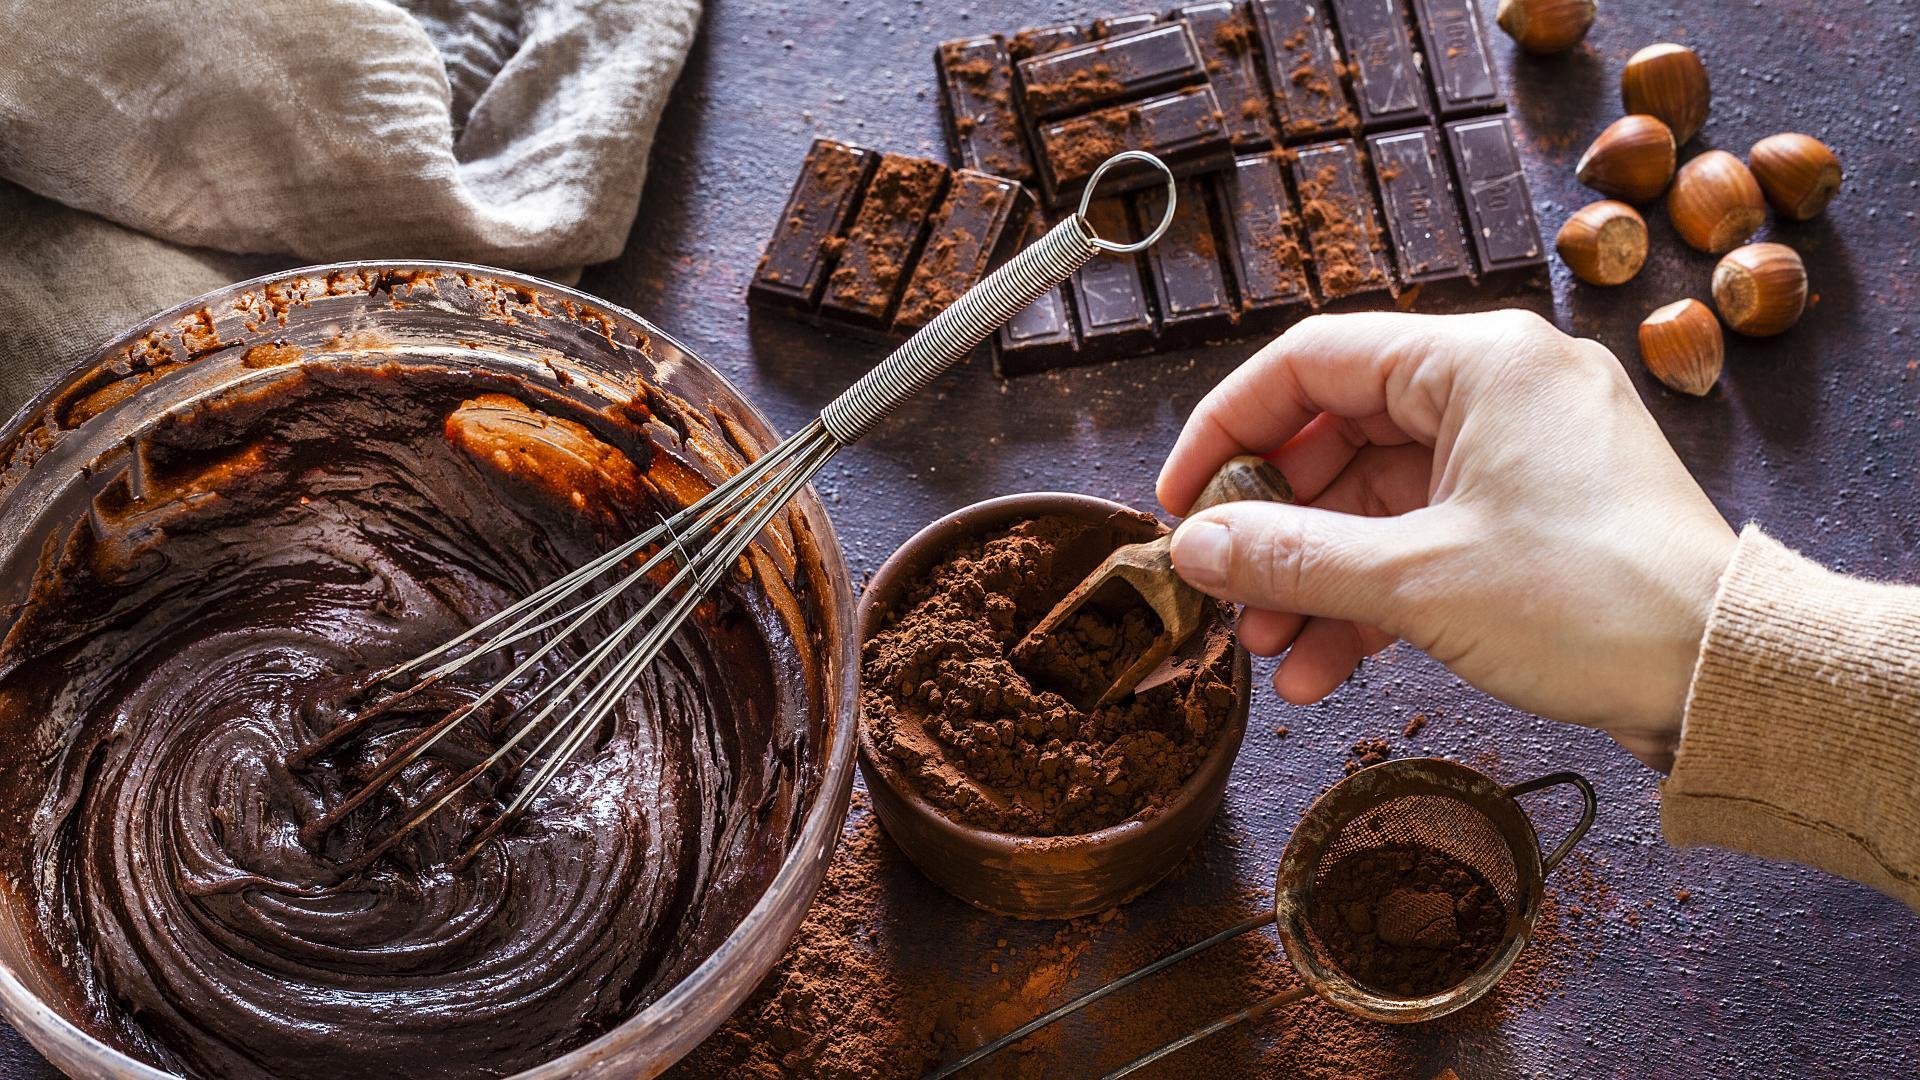 Идея за десерт: Шоколадово брауни с орехи